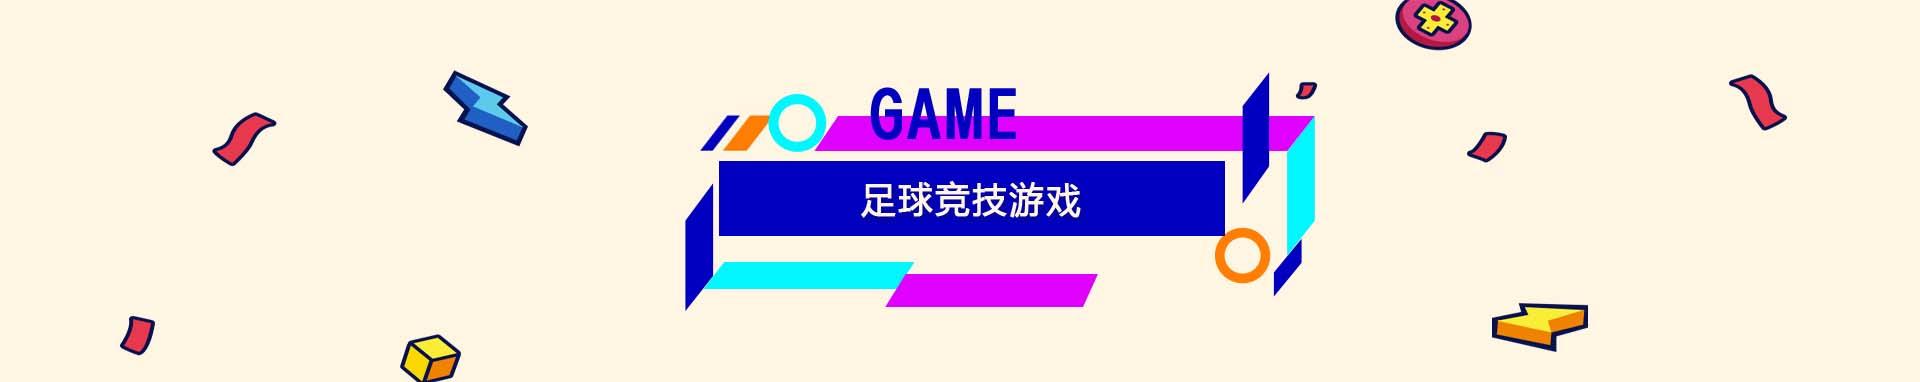 足球竞技游戏_斗蟹游戏网